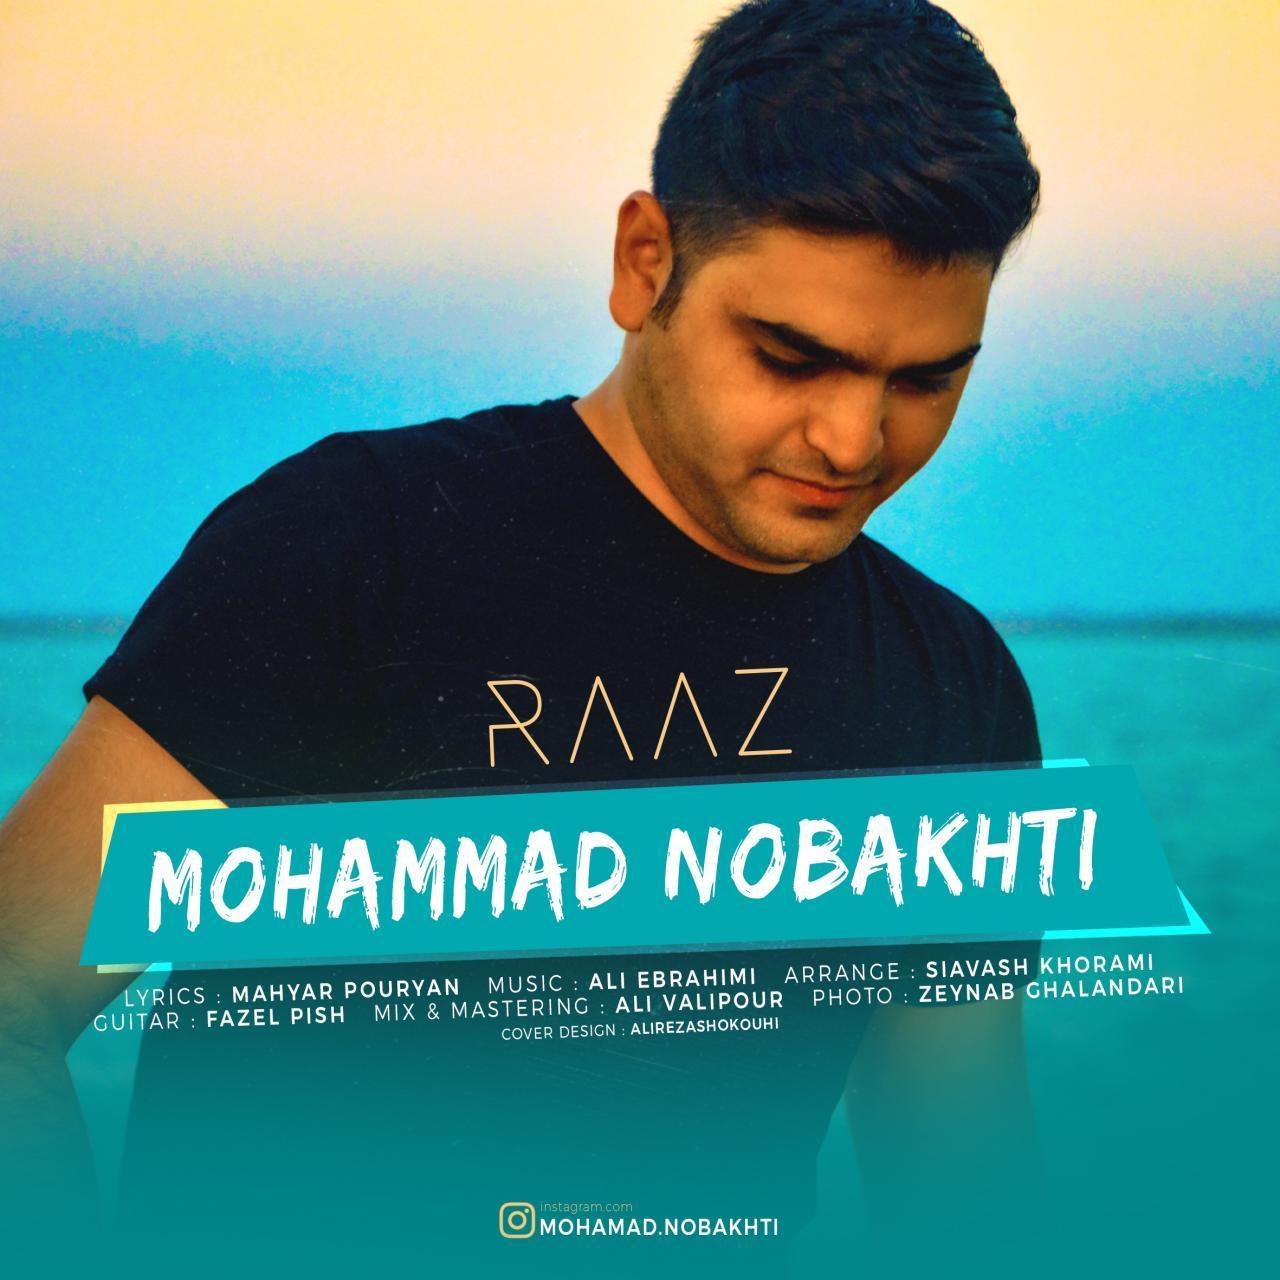 دانلود آهنگ جدید محمد نوبختی به نام راز